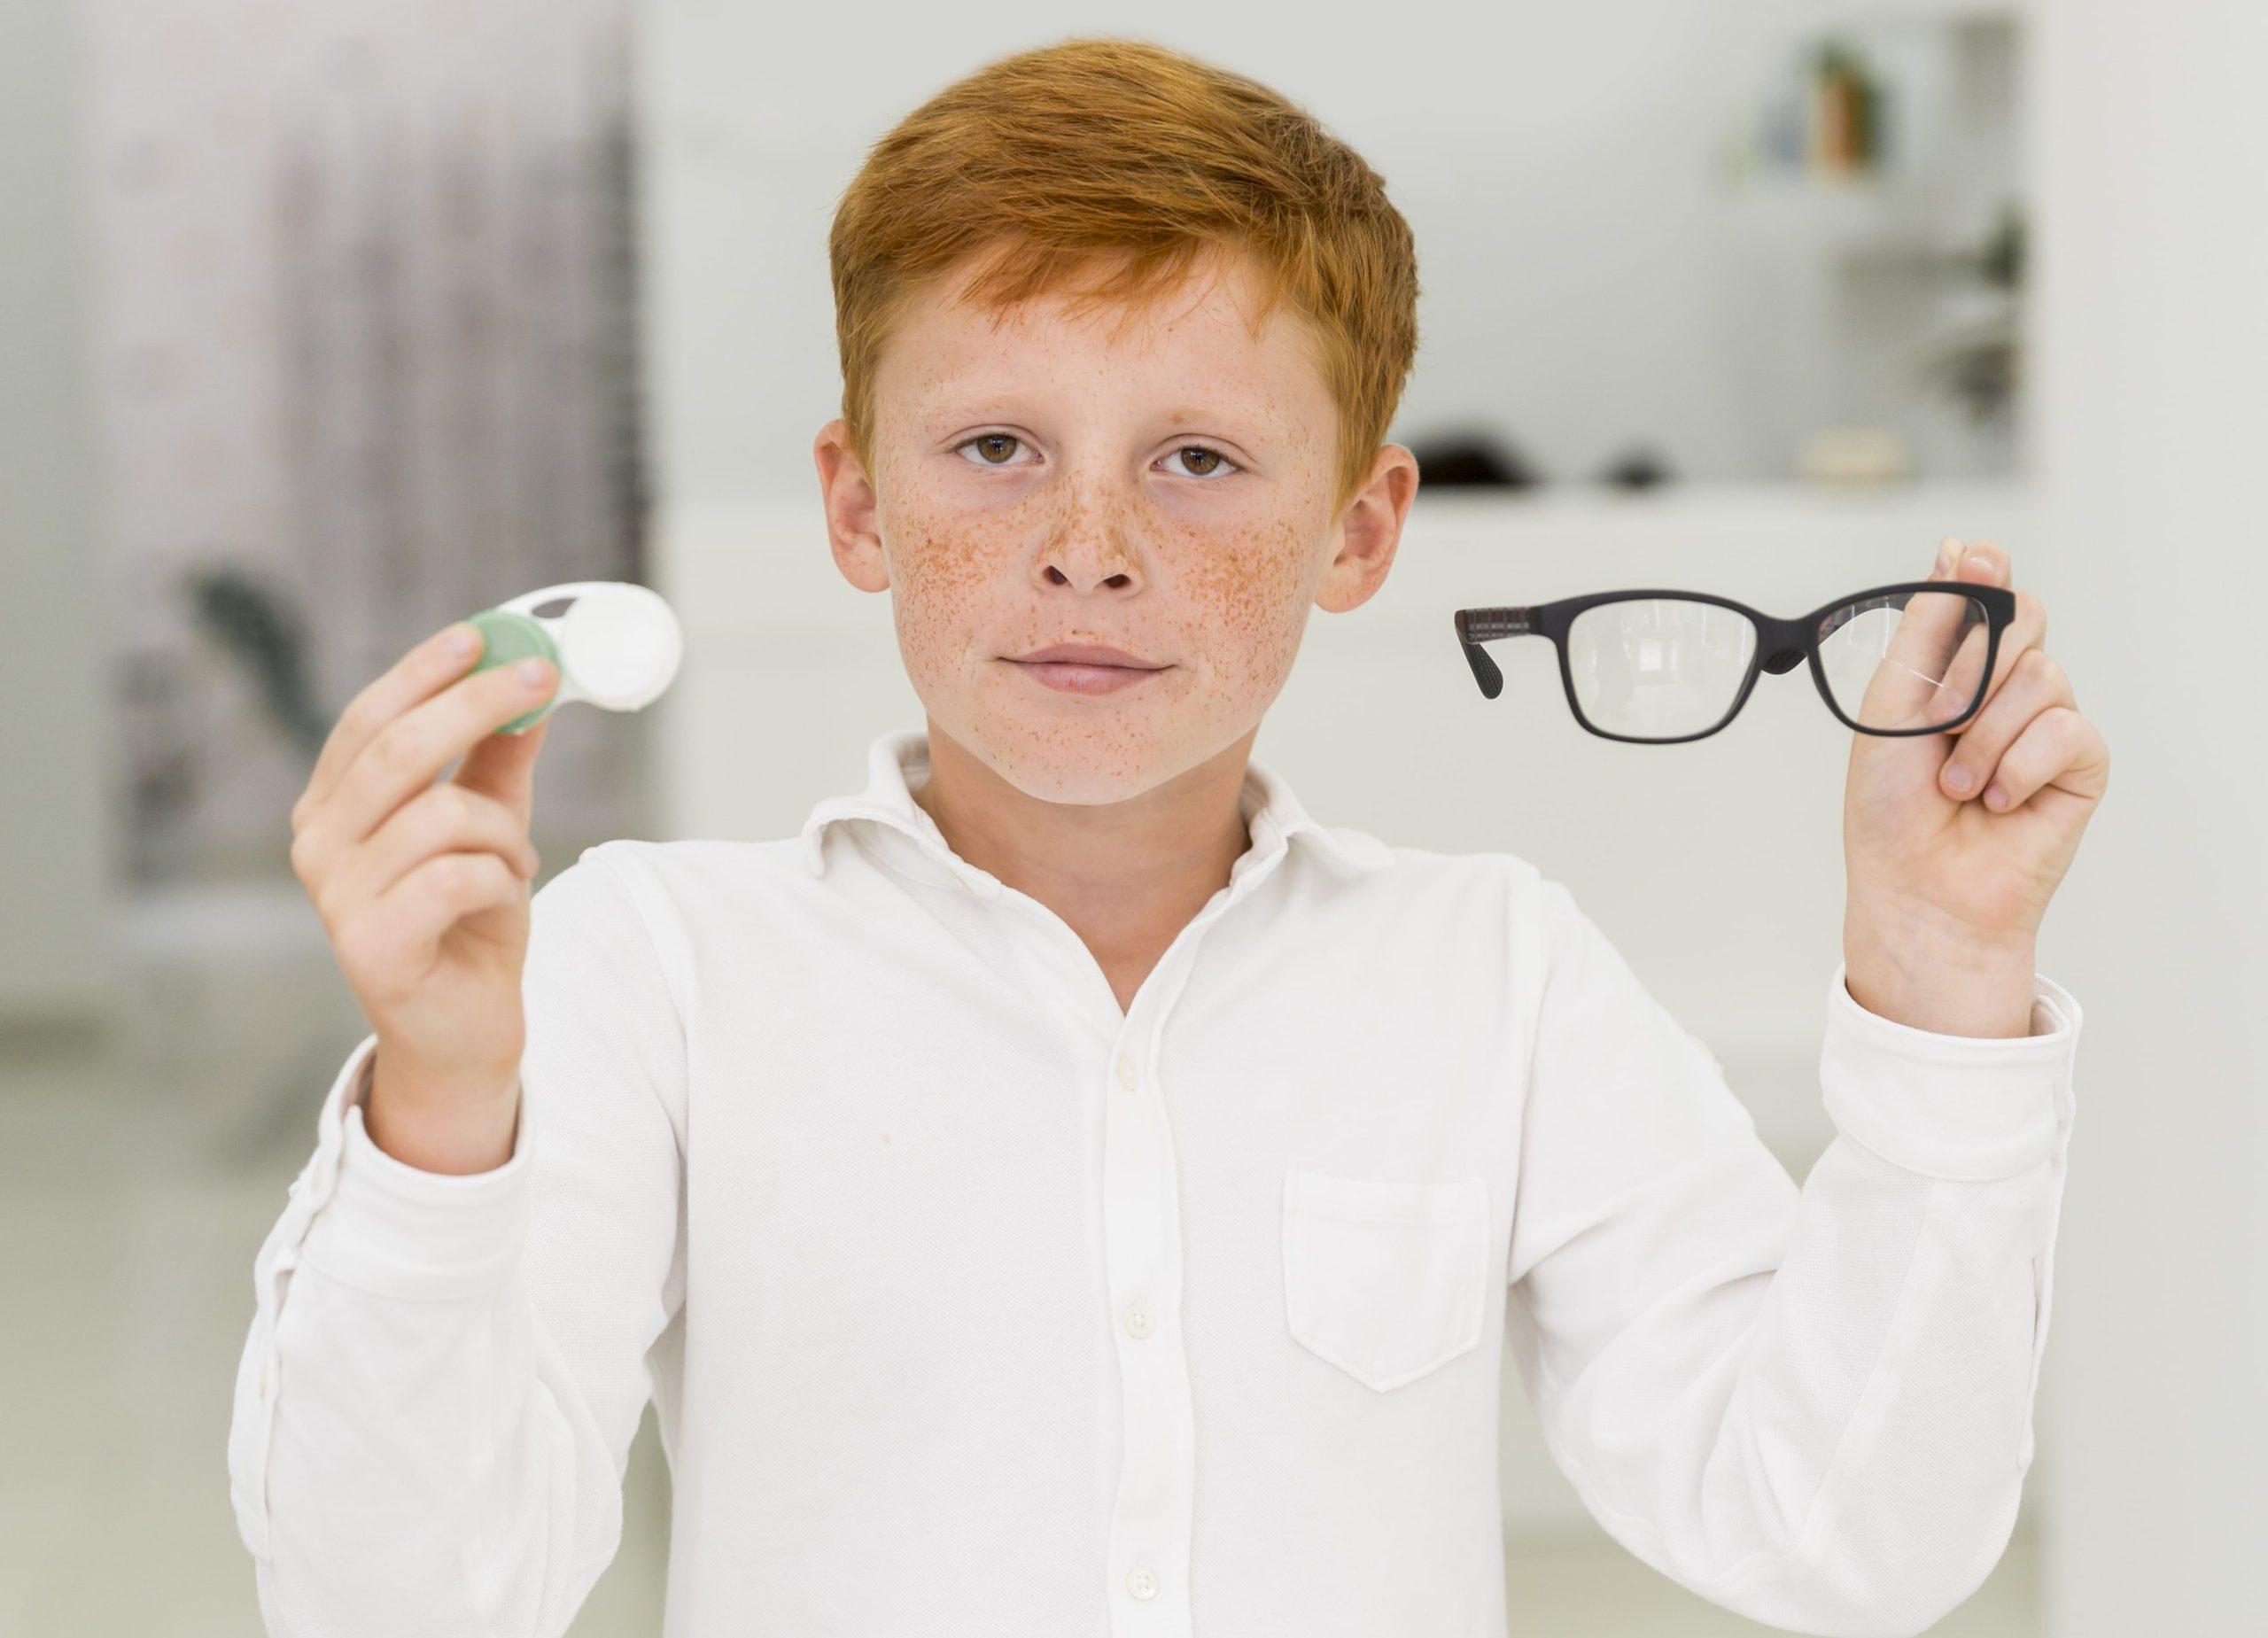 unde învață să fie oftalmolog totul despre corectarea vederii fără intervenție chirurgicală